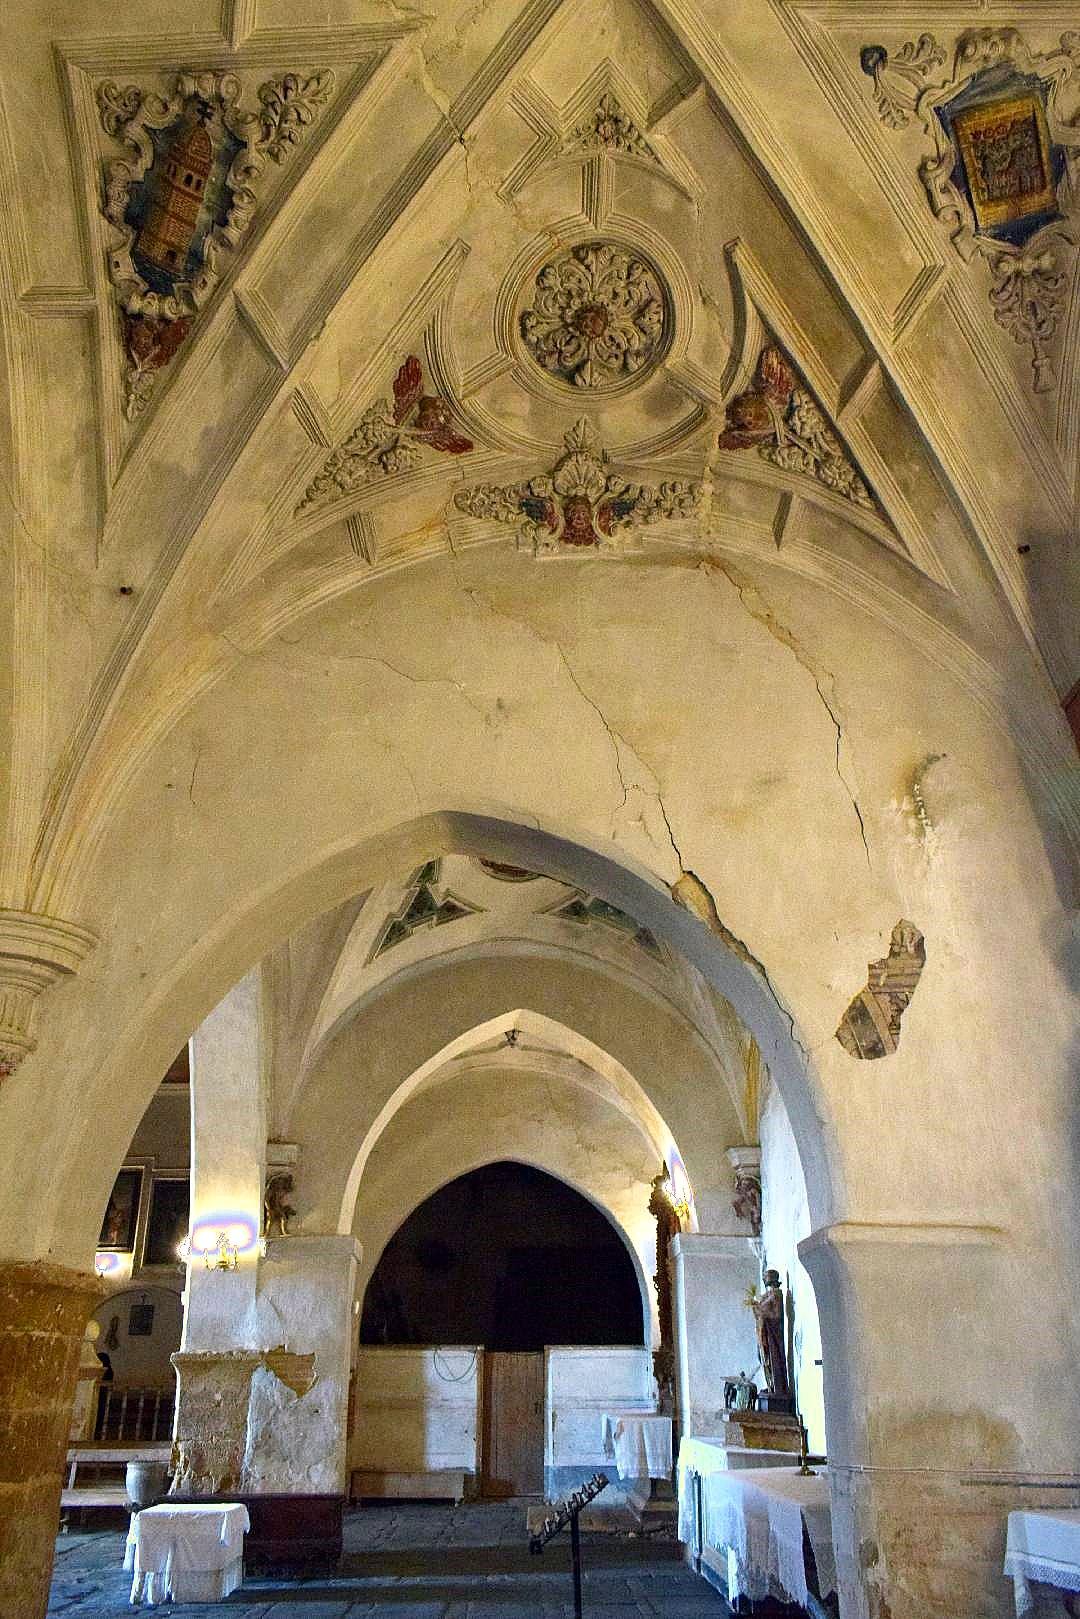 Una iglesia extraordinaria en un estado penoso 1. (Foto J.A. Gª Villar)